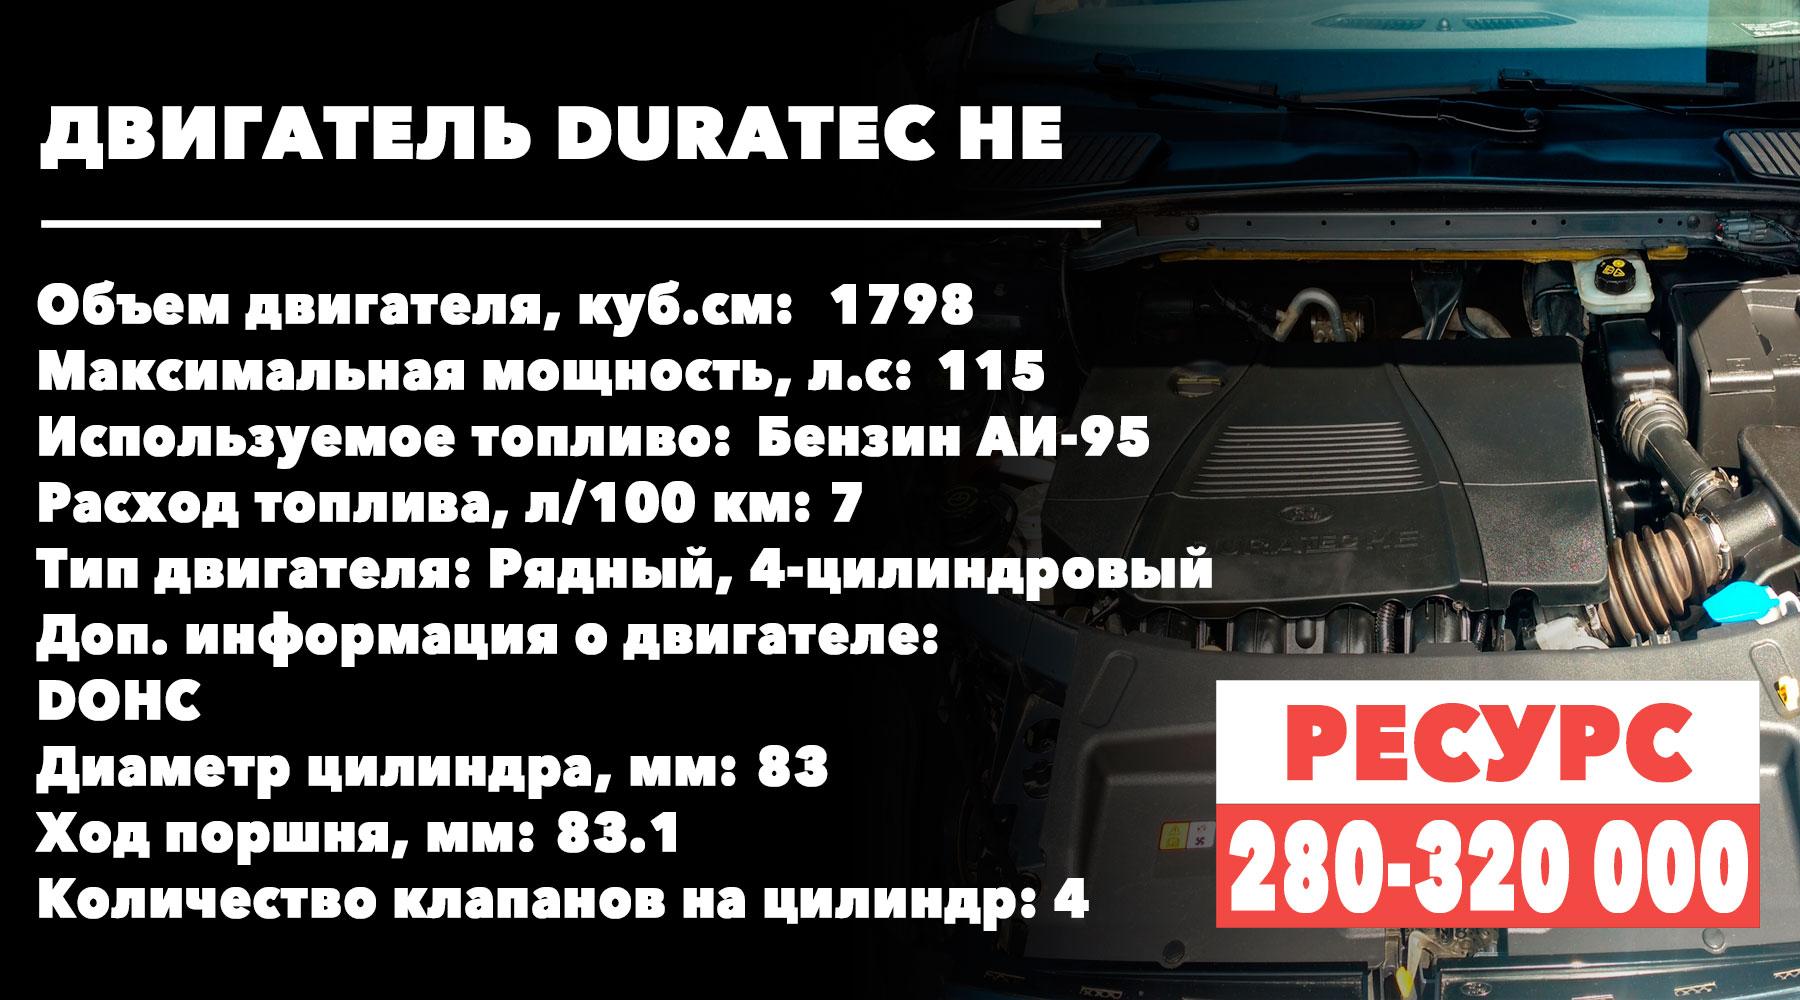 Потенциальный ресурс 1.8 литровых моторов (Duratec-1.8 HE)